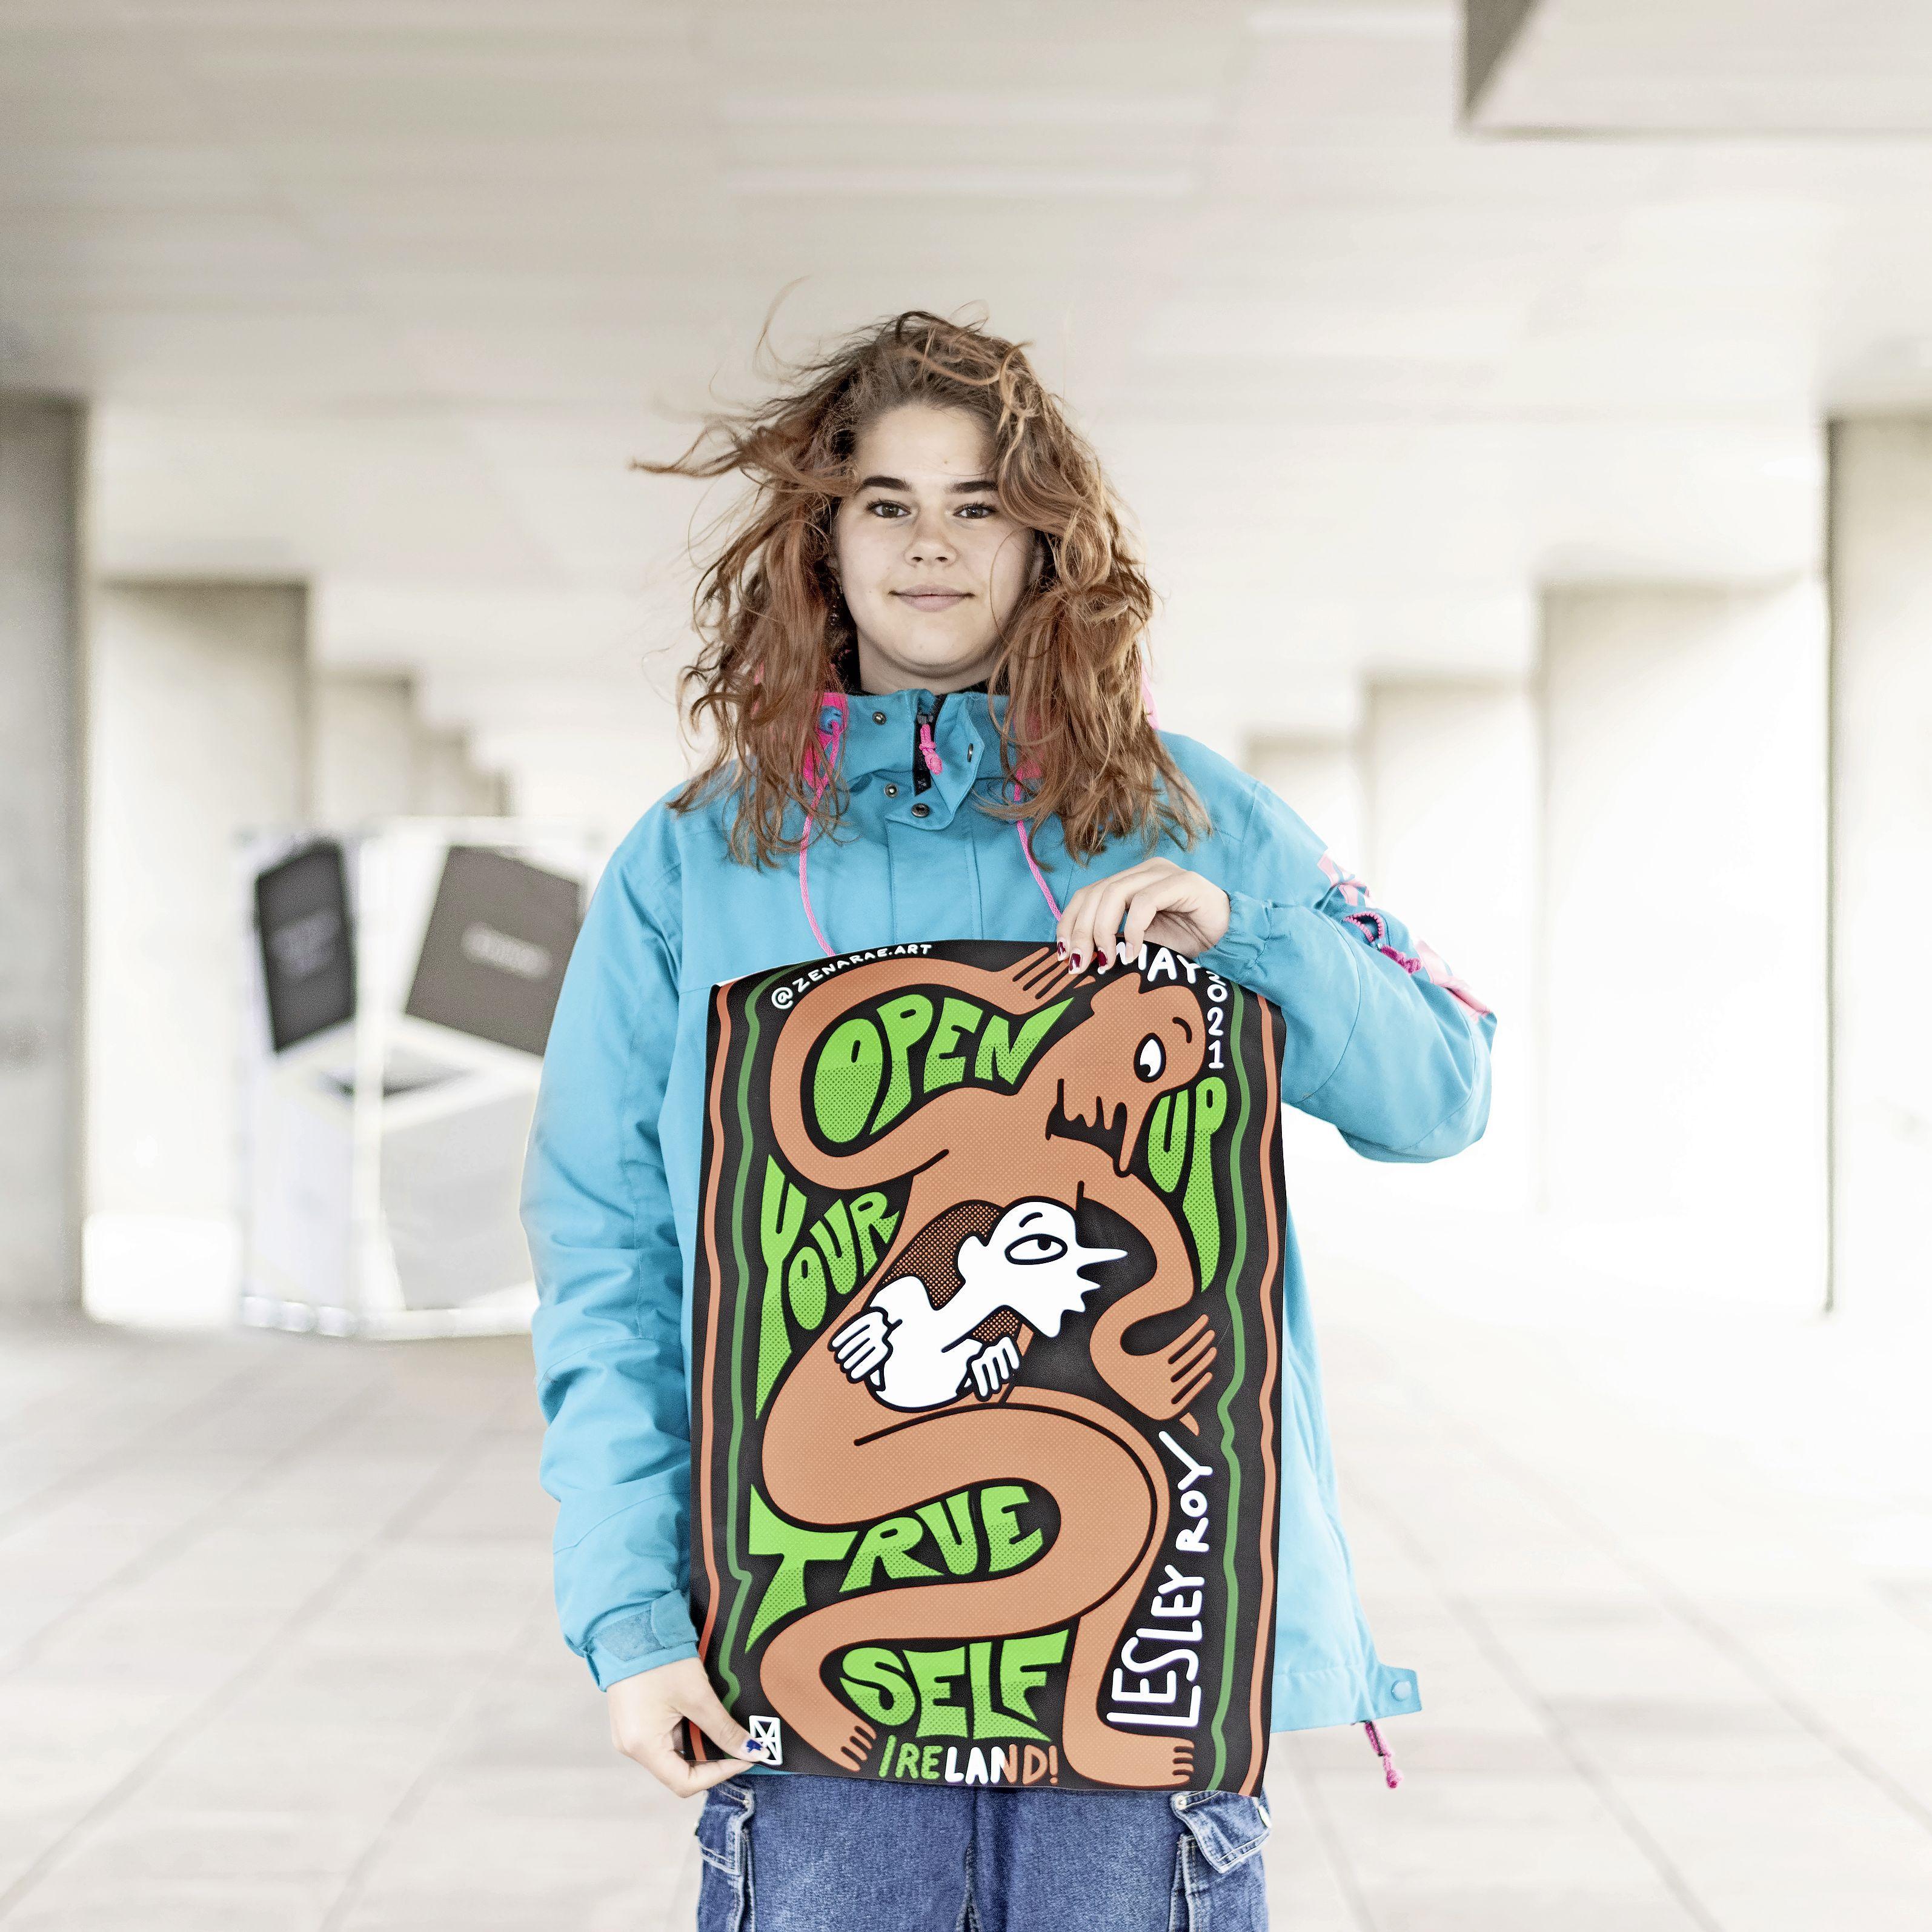 Winnende songfestivalposter van Alkmaarse Zena-Rae (20) in heel Rotterdam te zien. 'Lesley Roy, de Ierse zangeres, stuurde een berichtje dat ze een afdruk wil'